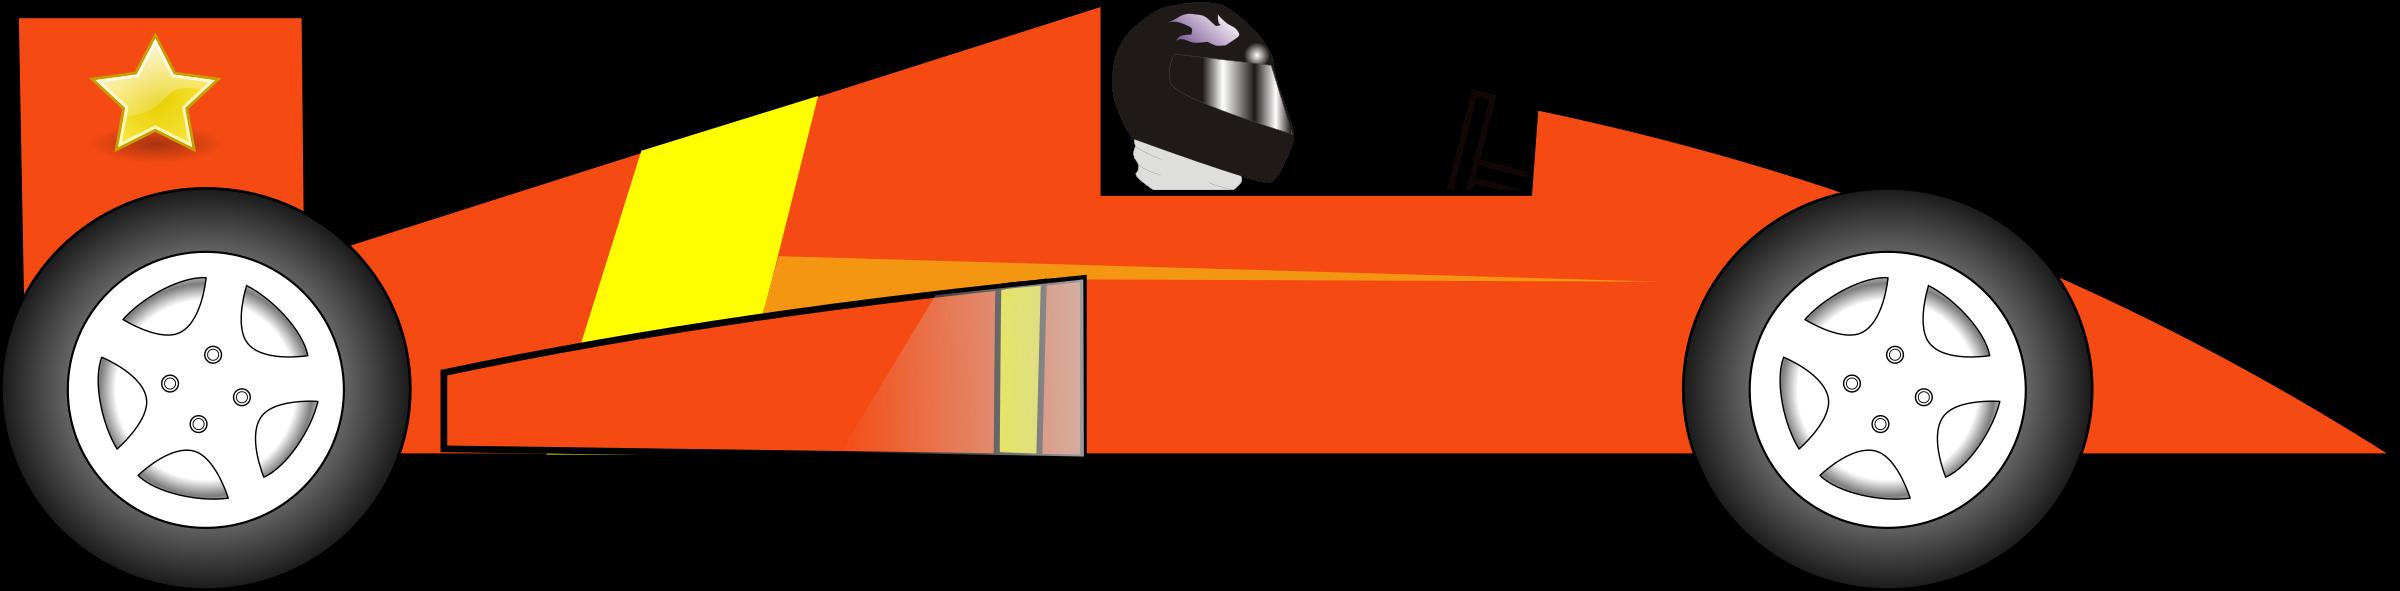 Simple clipart race car Clipart Car Race Race Car